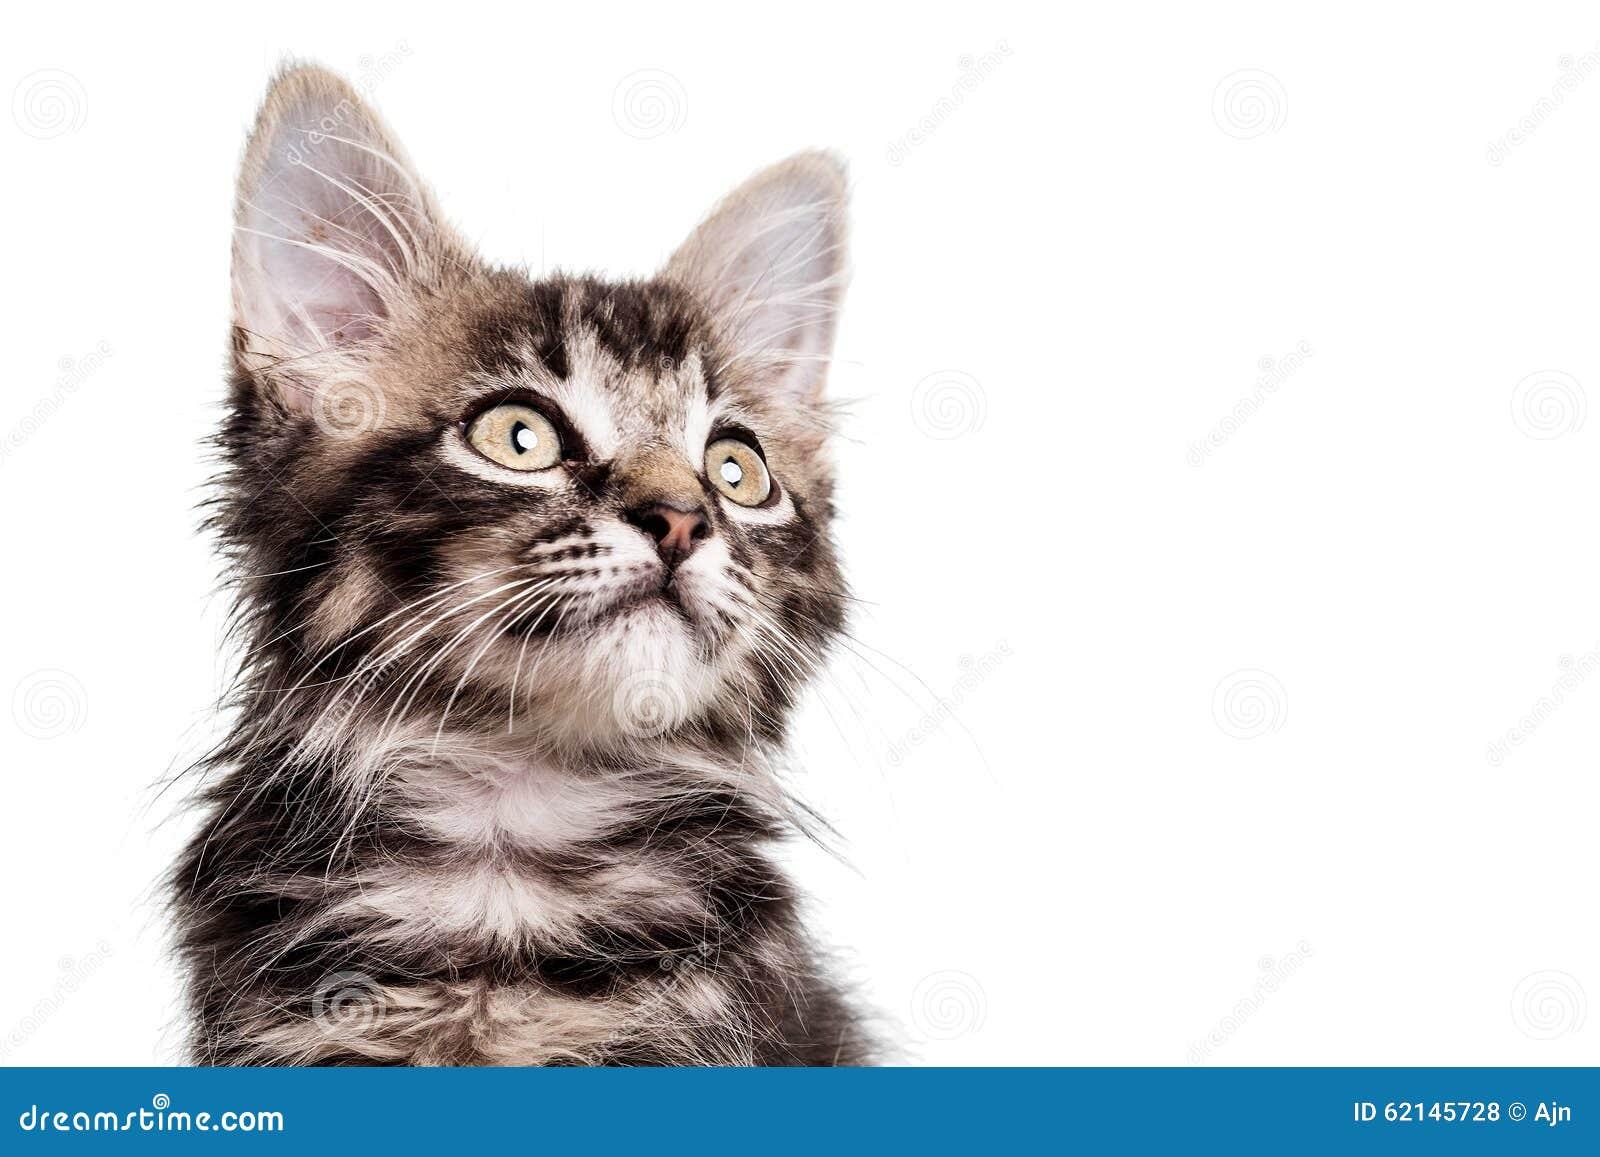 Fine simile a pelliccia sveglia del gattino su